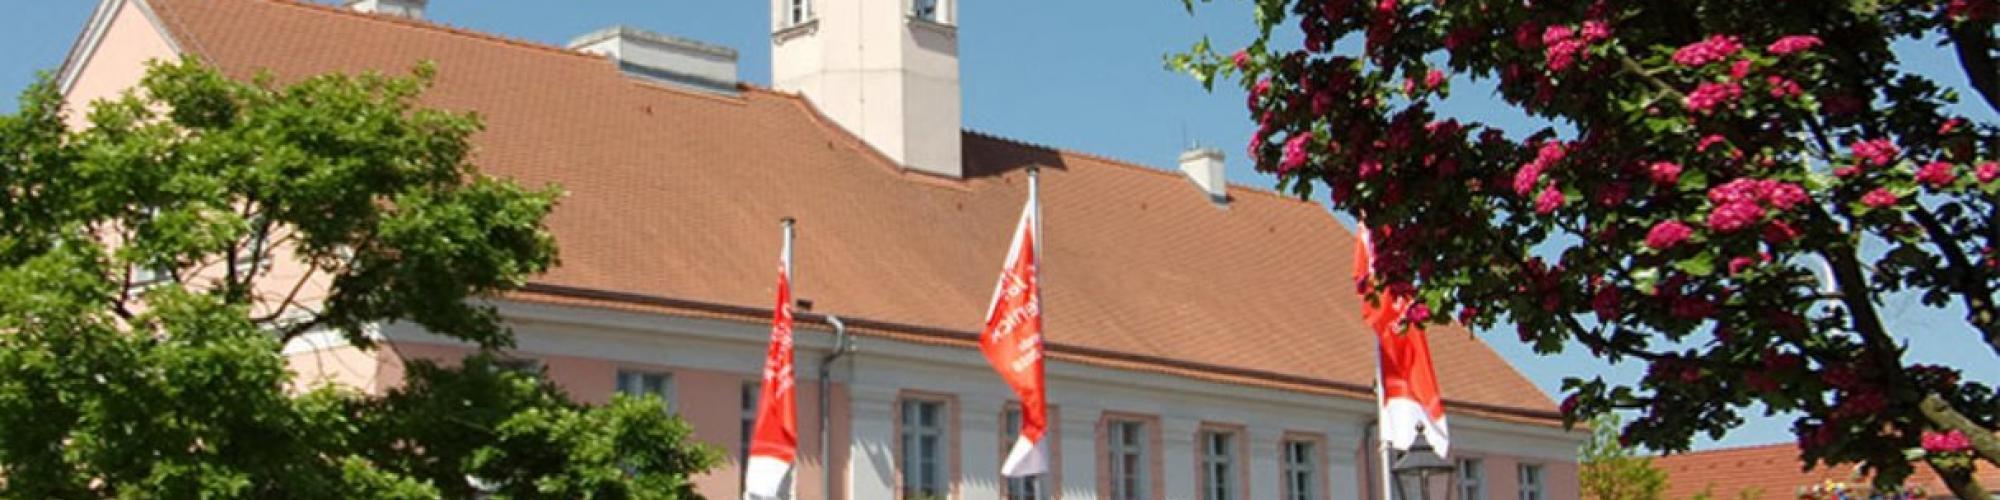 Stadt Zehdenick